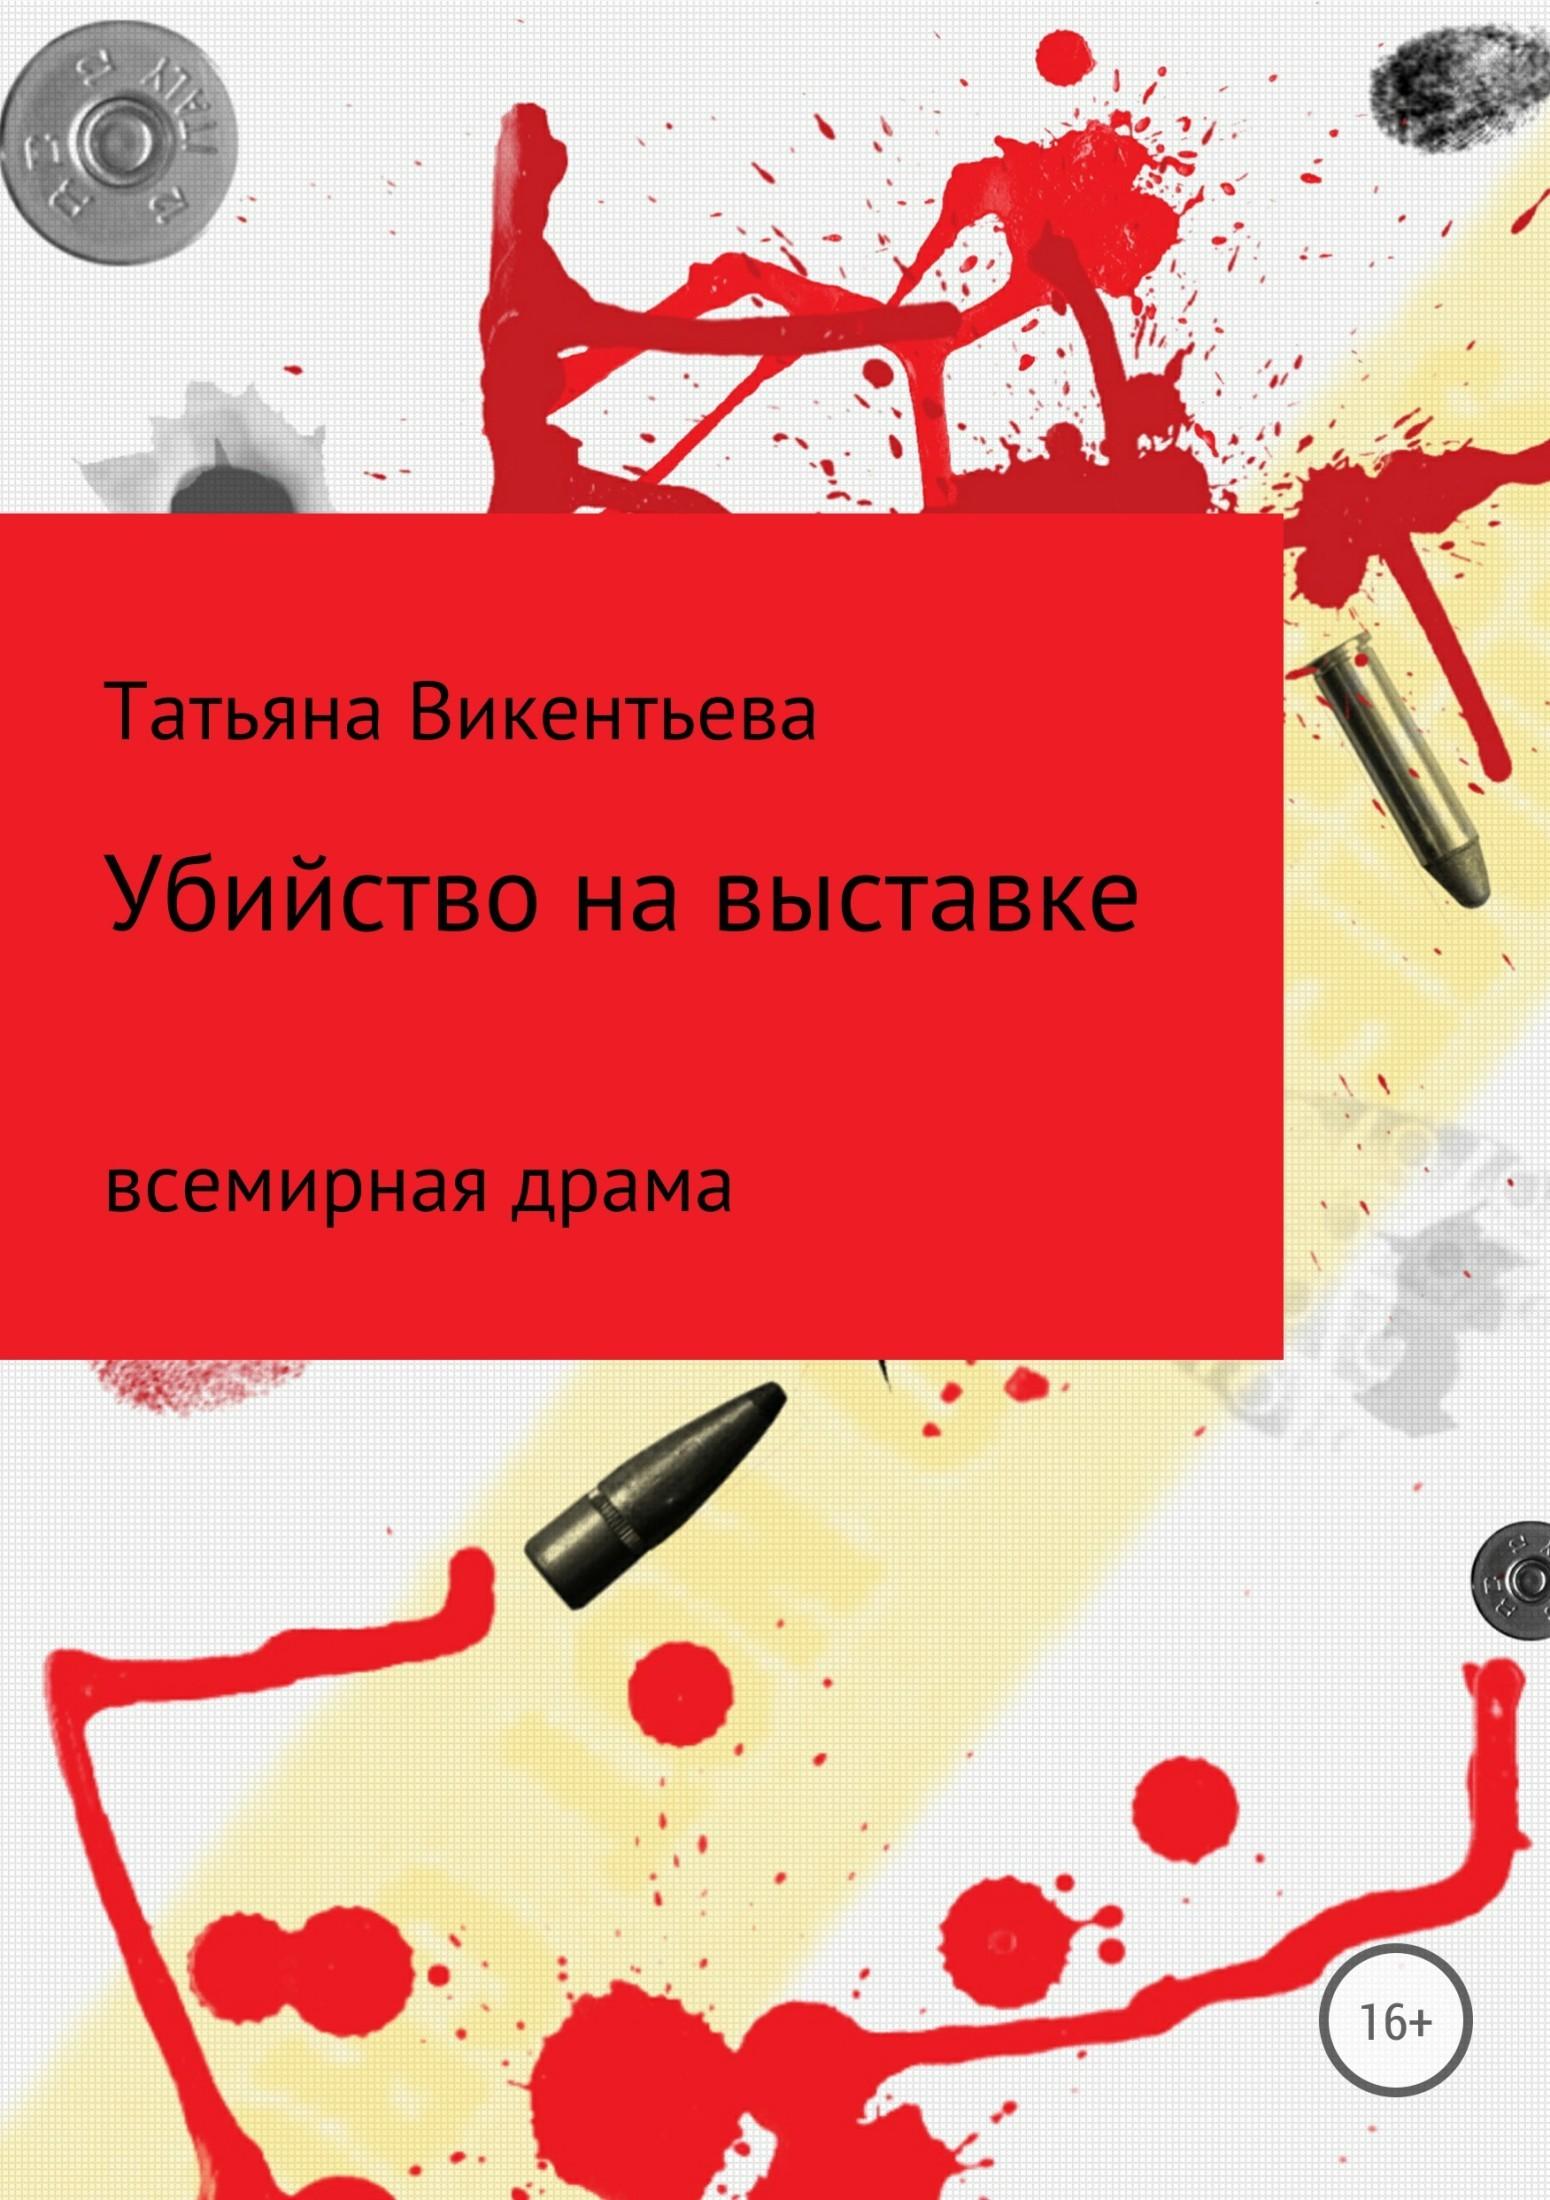 цена на Татьяна Трофимовна Викентьева Убийство на выставке